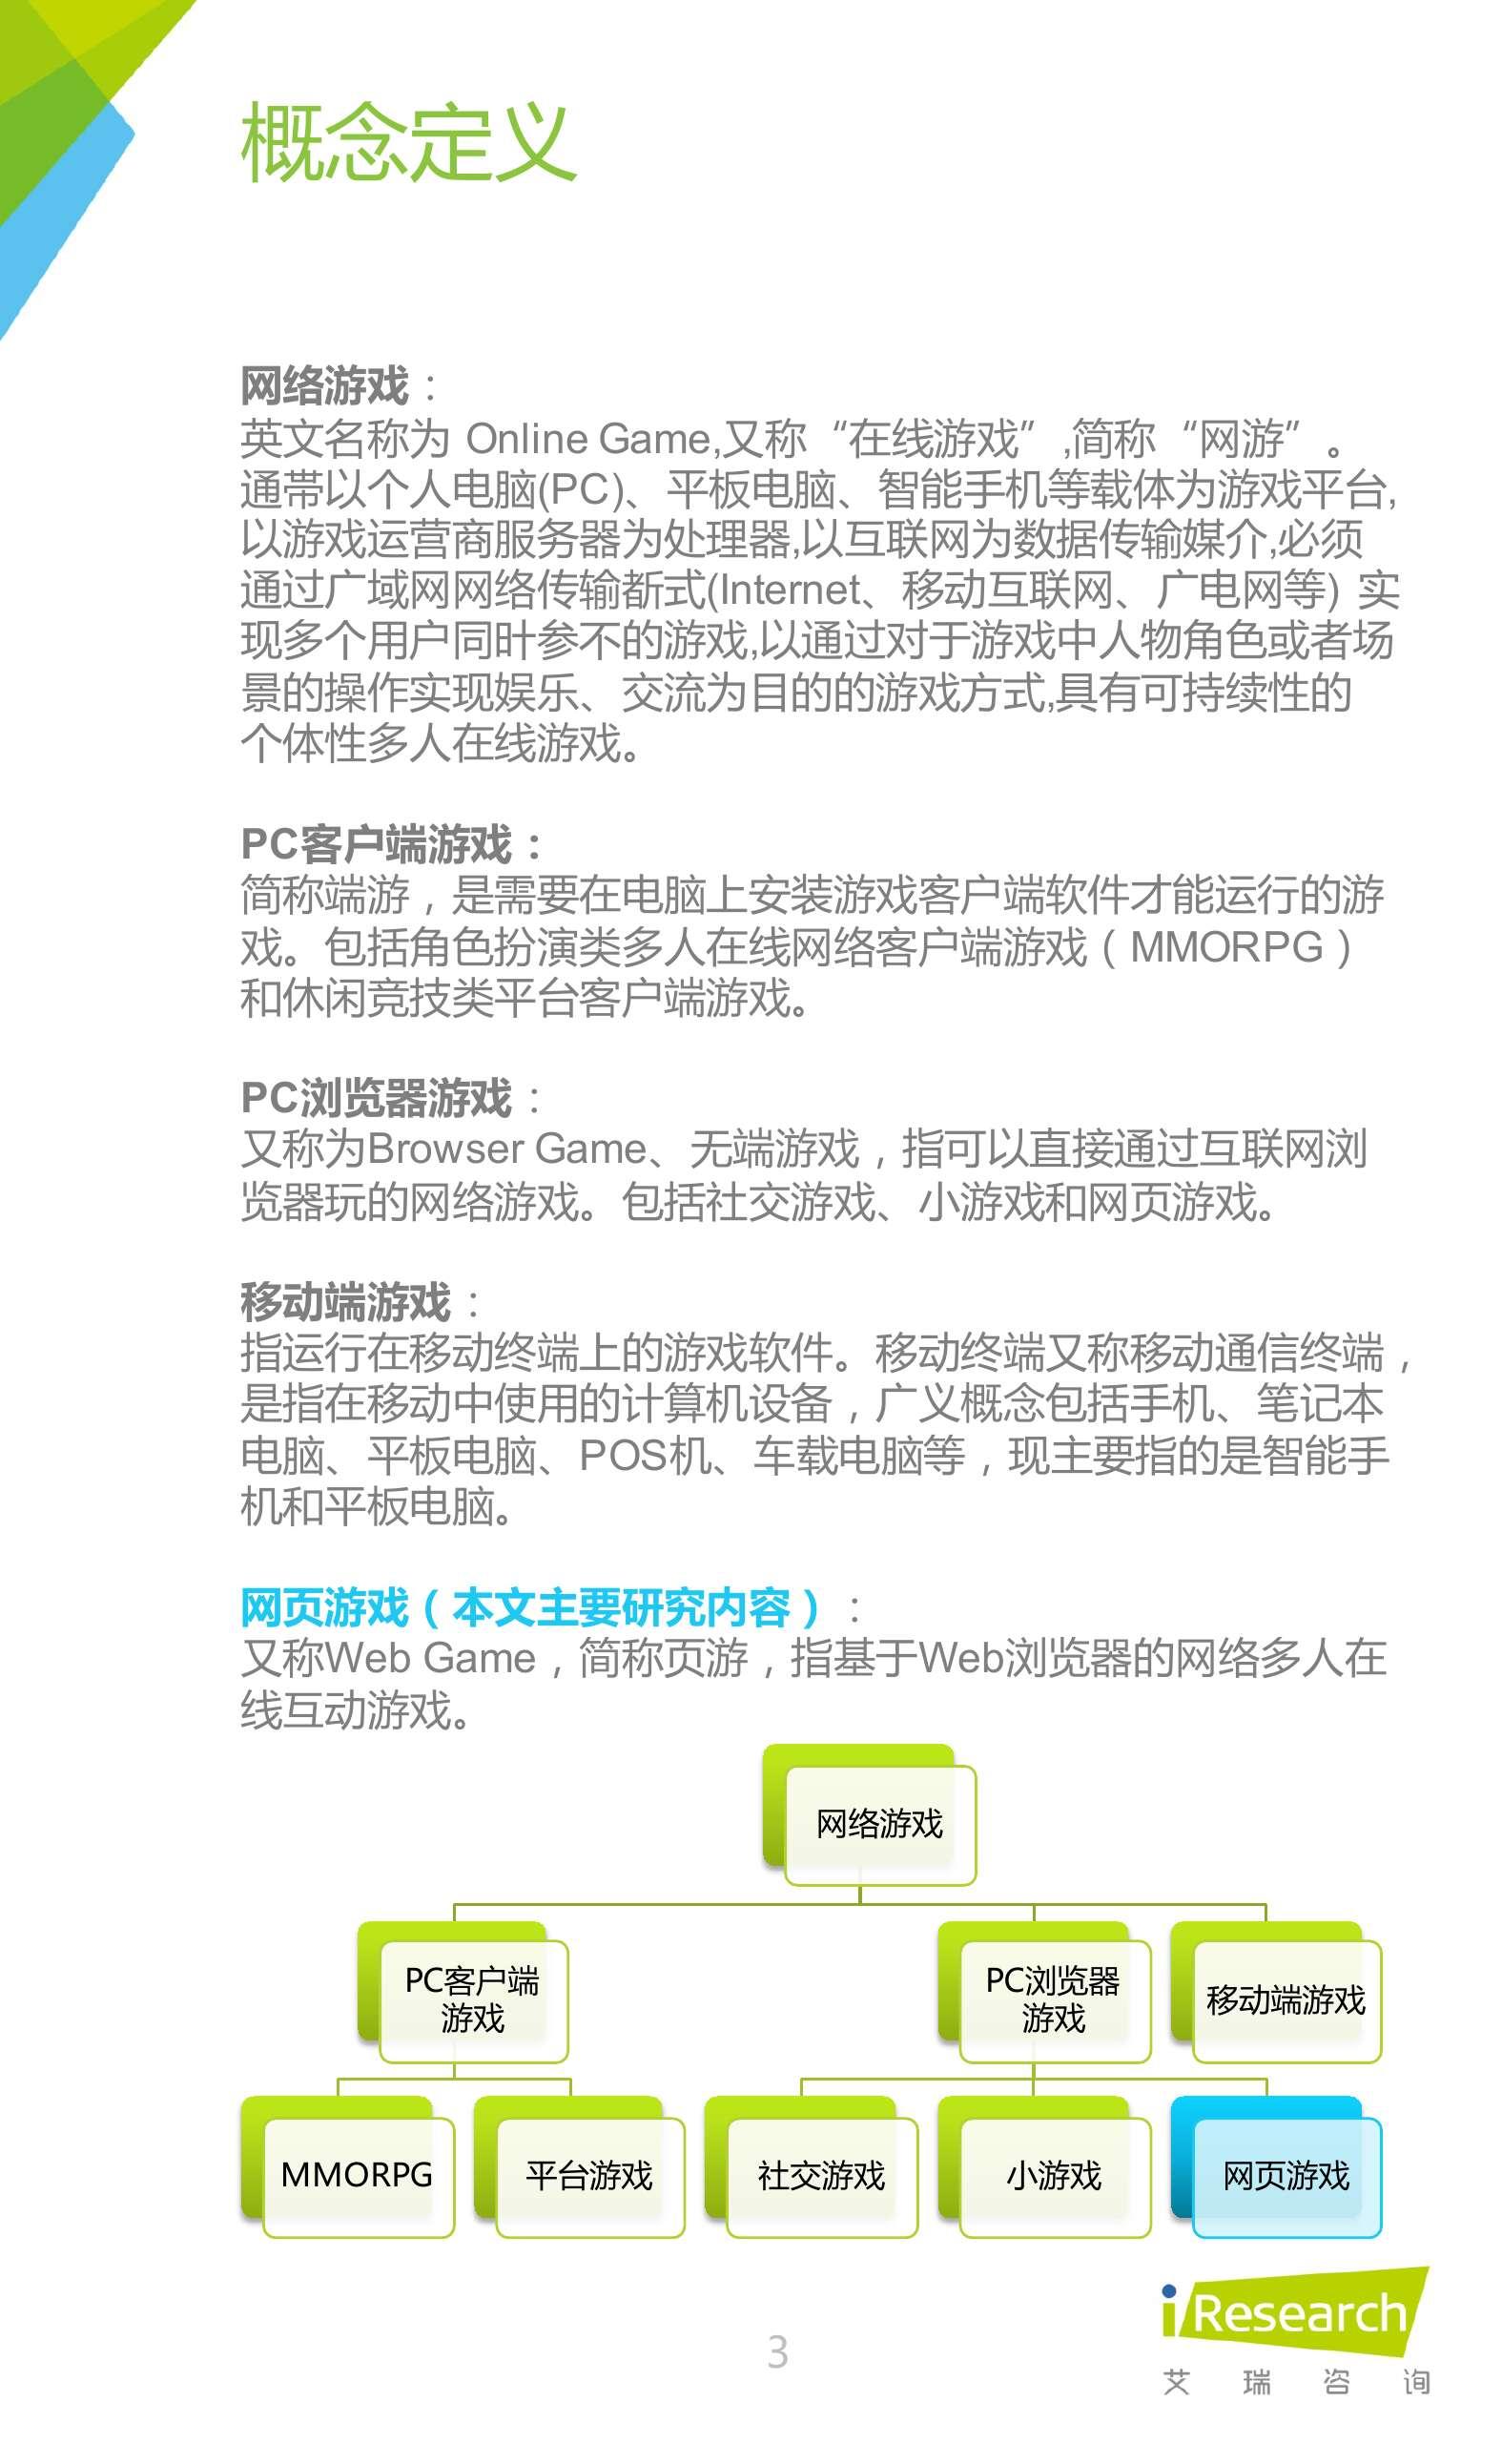 2016年中国网页游戏行业研究报告_000003